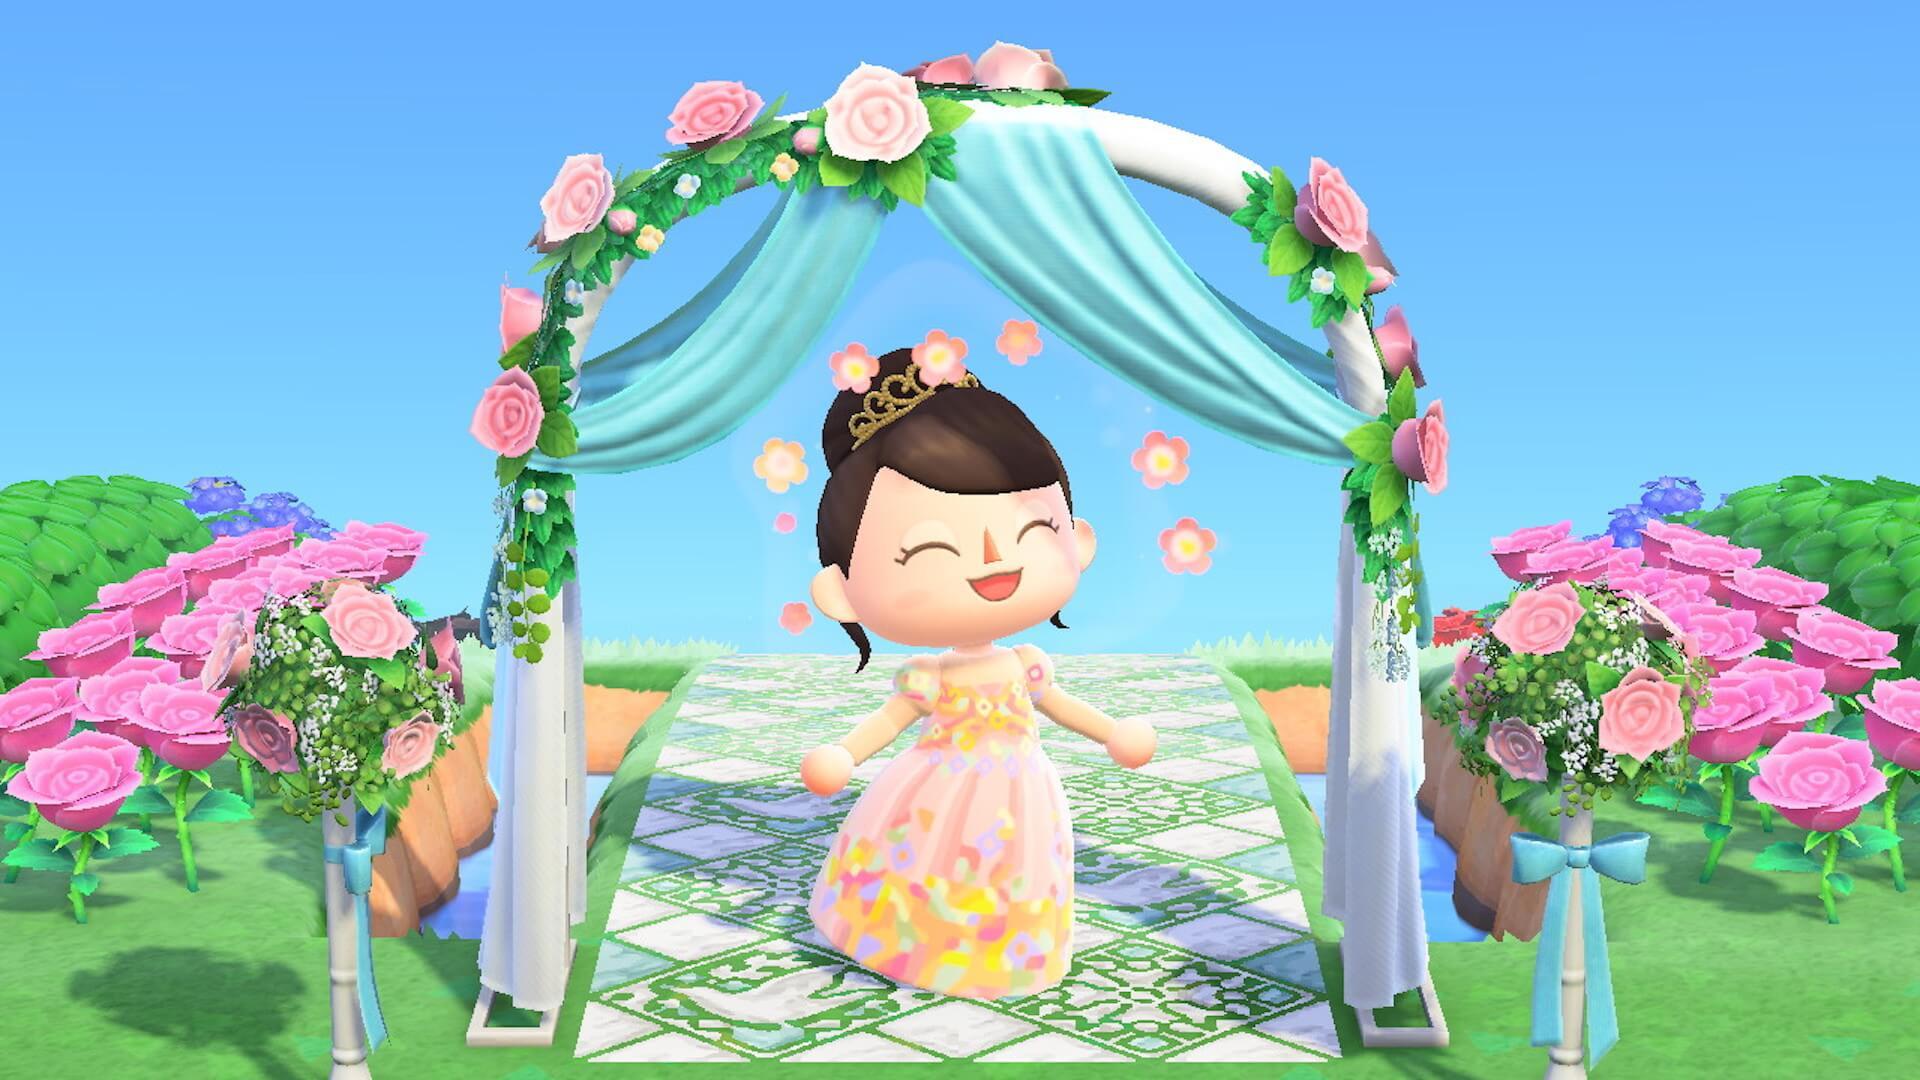 あつ森でYumi Katsuraのウエディングドレスを着て結婚式を挙げよう!?『あつまれ どうぶつの森』マイデザインが公式Instgramで配布開始 tech200608_animalcrossing_2